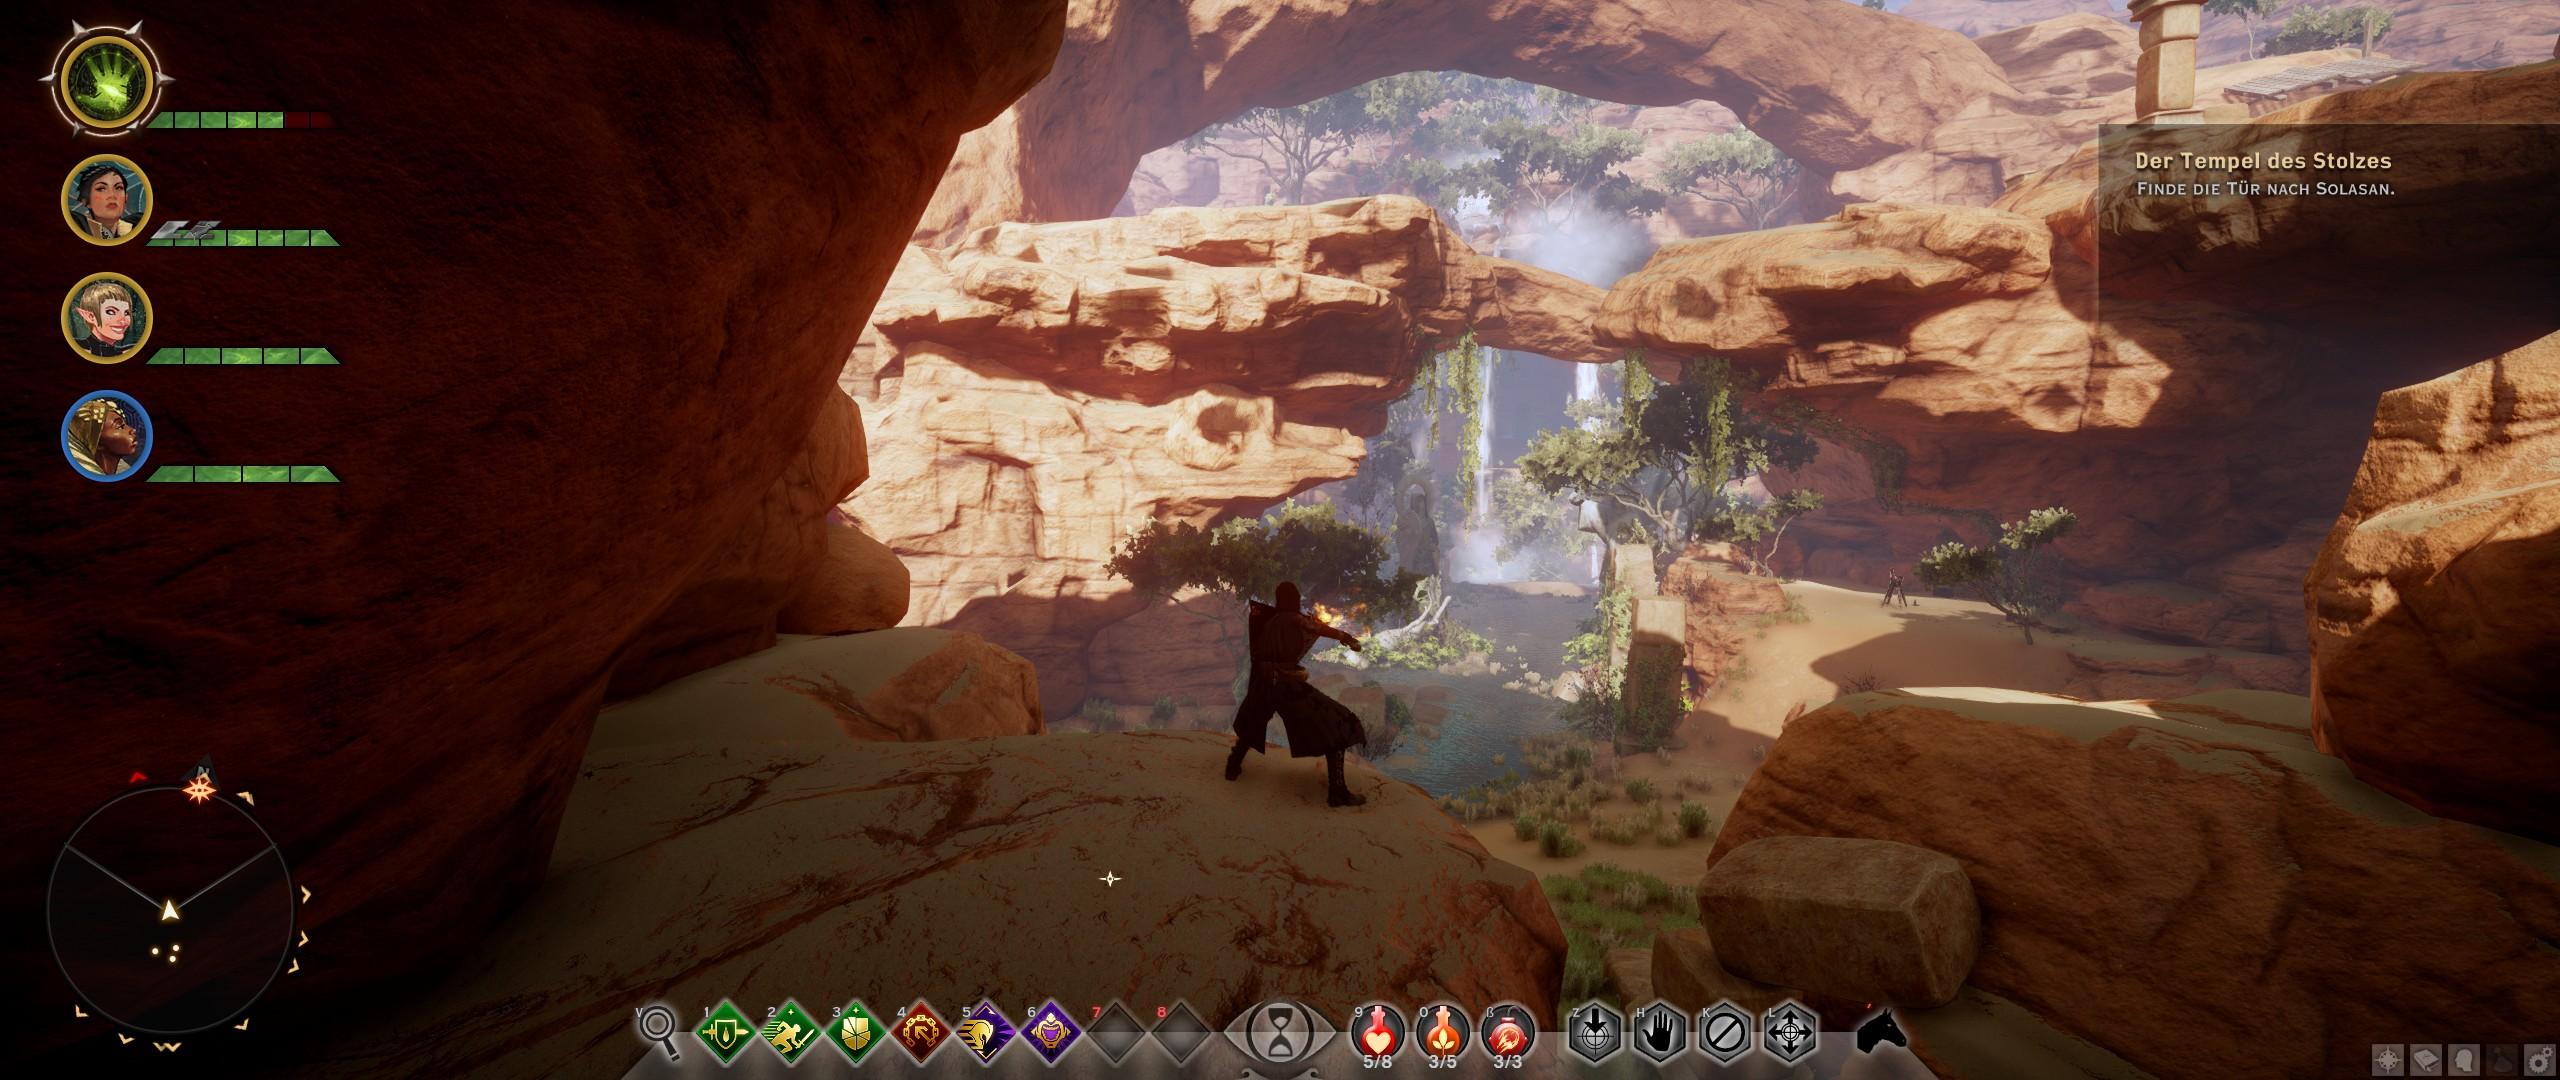 ScreenshotWin32_0035_Final